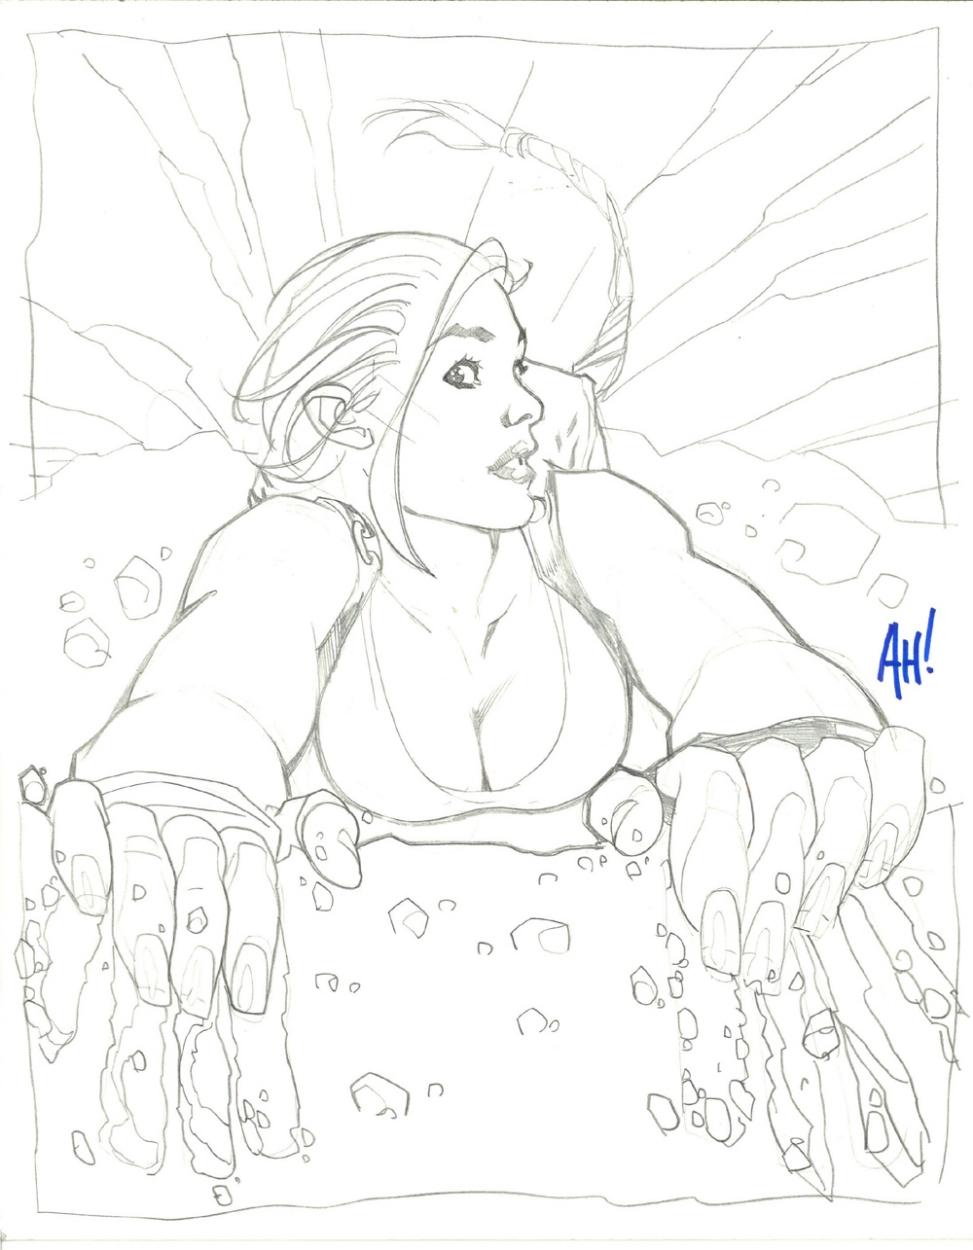 973x1250 Laura Croft Cliff Drawing, In Brian Tidwell's Ah! Comic Art